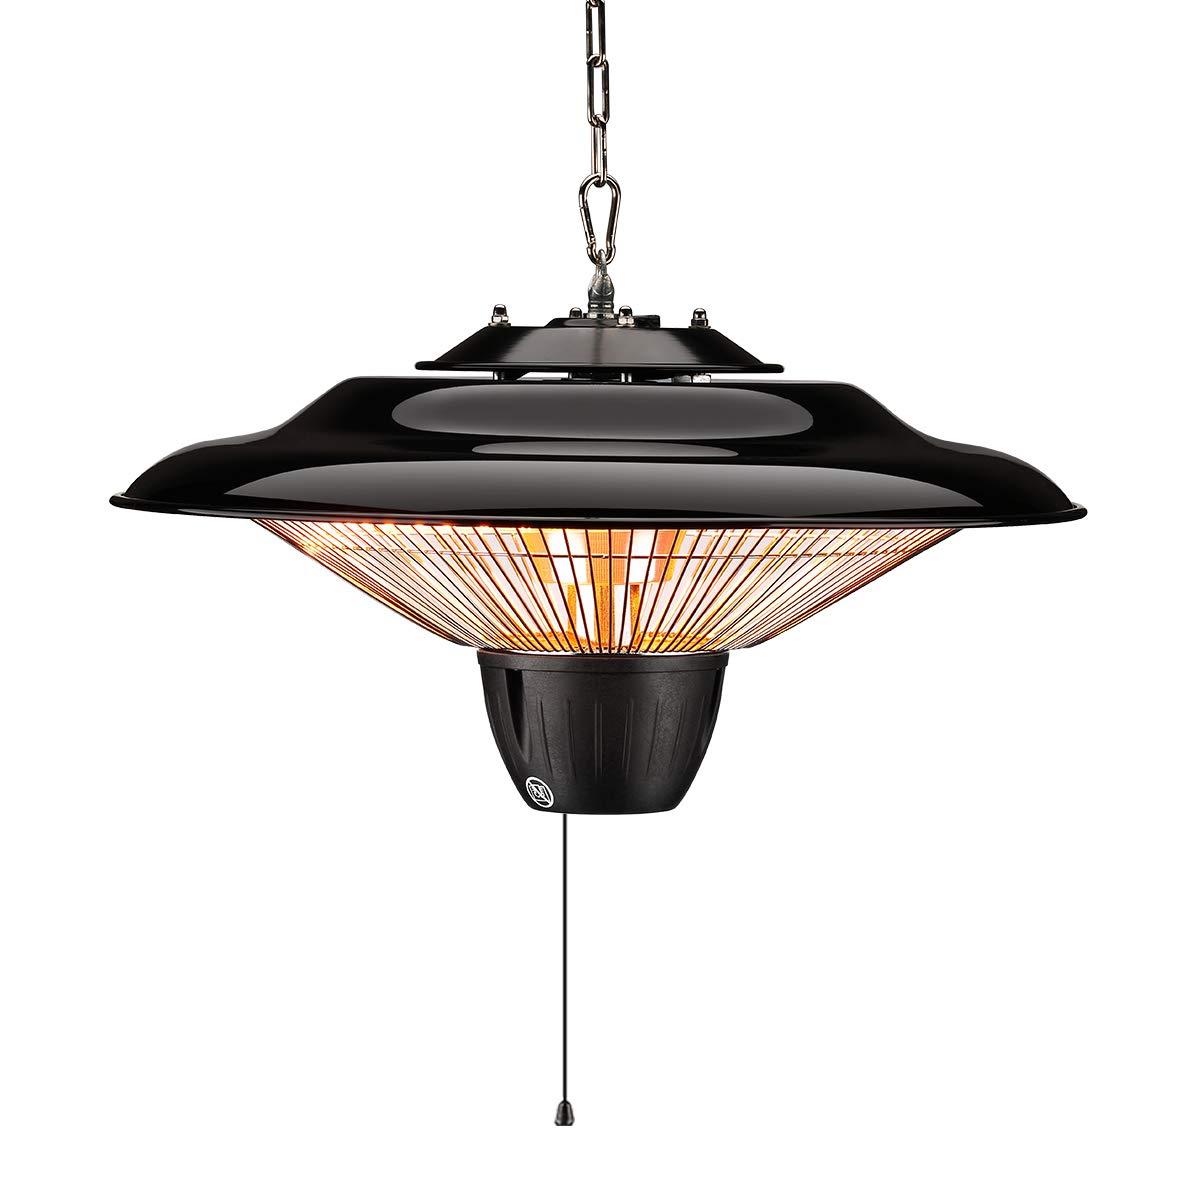 SURJUNY Electric Hanging Heater, Ceiling Patio Heater, Indoor/Outdoor Halogen Heater, Waterproof IP34 Rated, S01 by SURJUNY